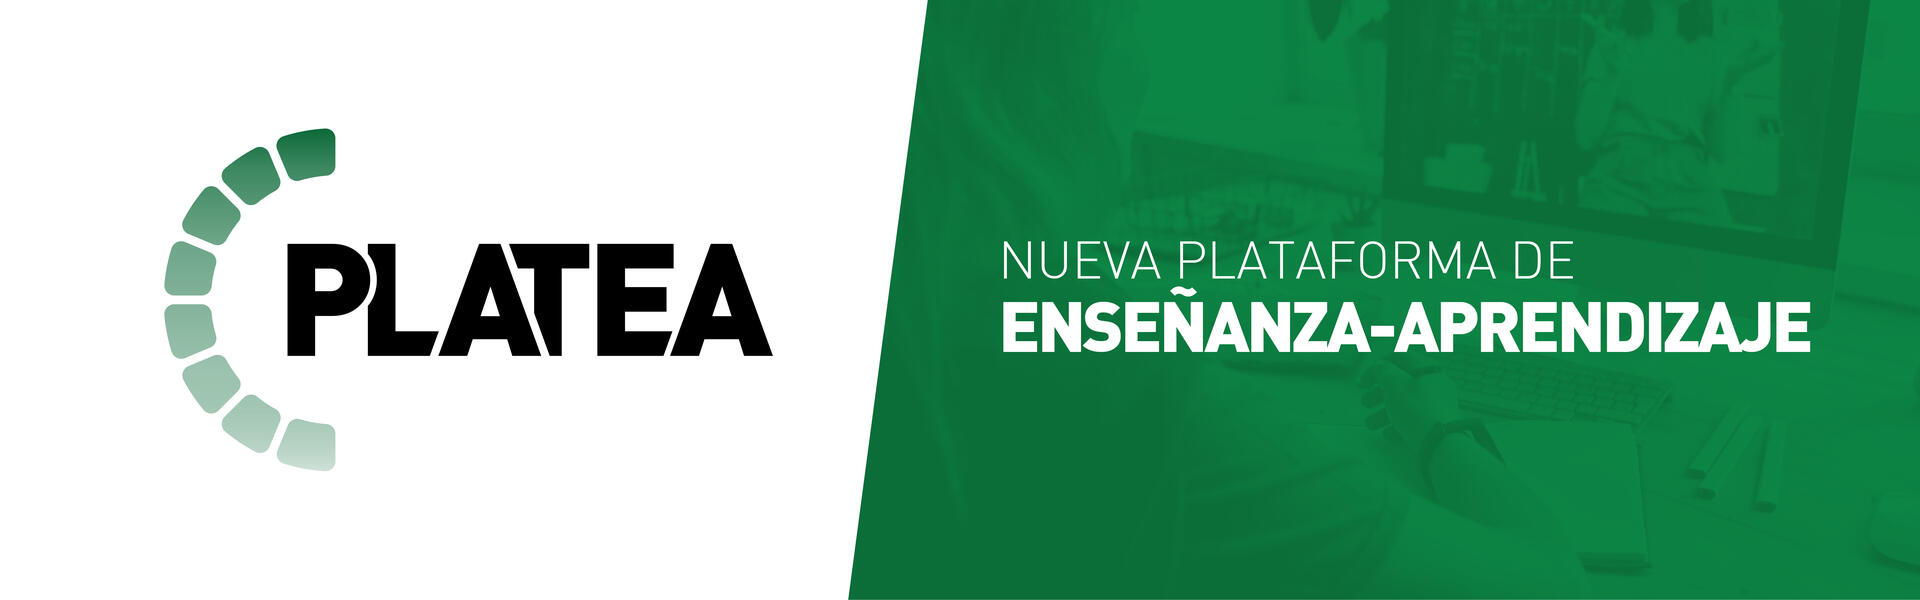 PLATEA (Plataforma de Enseñanza y Aprendizaje de la Universidad de Jaén)